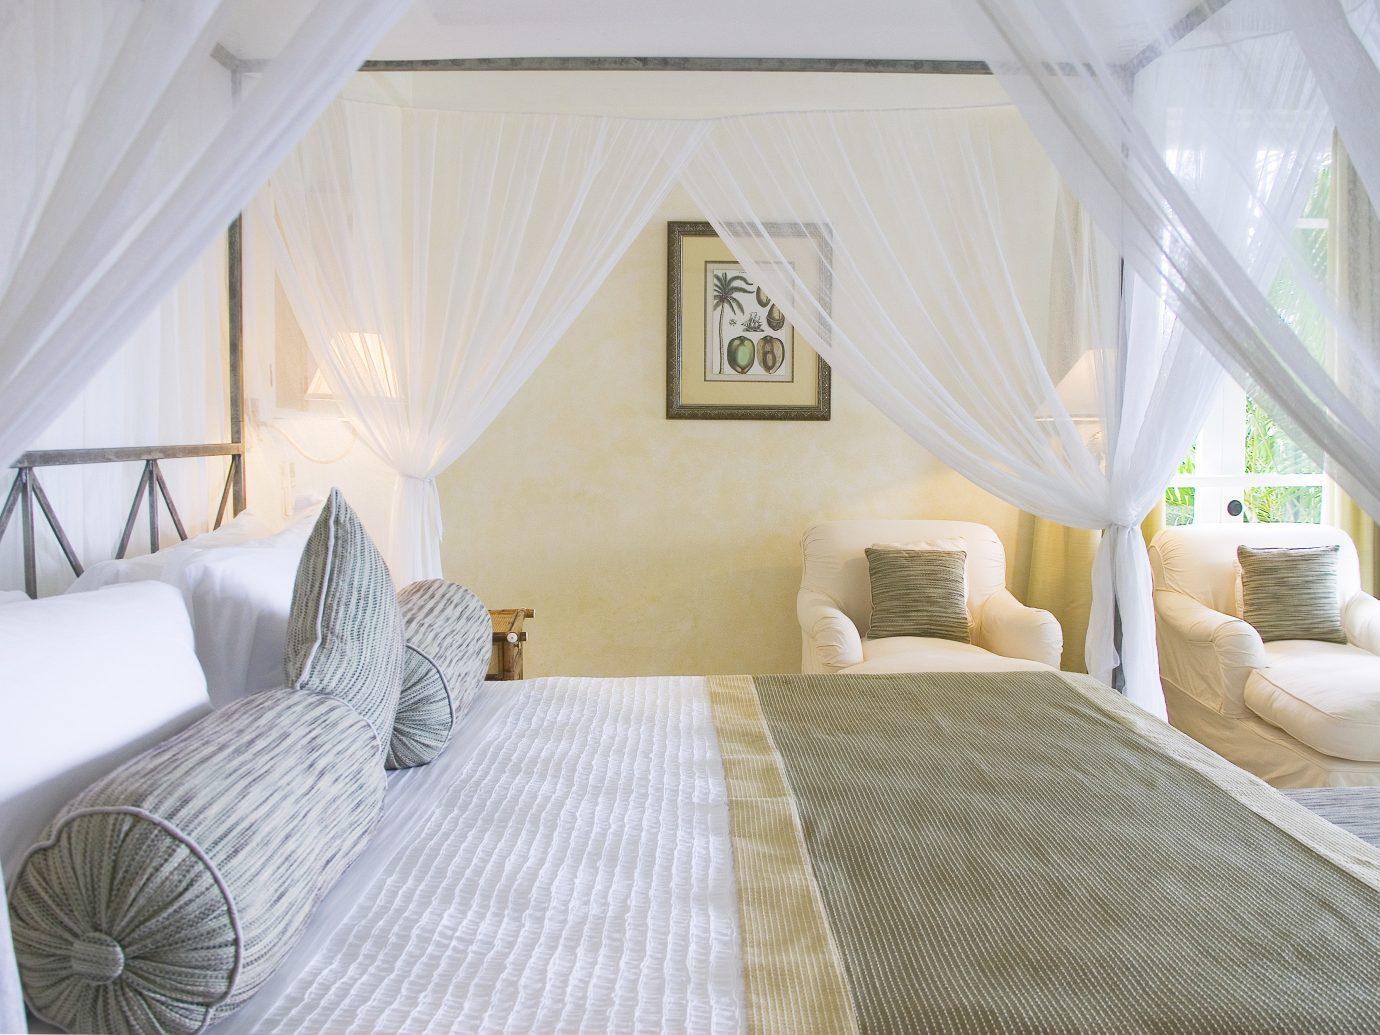 Bedroom Trip Ideas indoor bed room property cottage estate Suite interior design white real estate Villa living room Resort